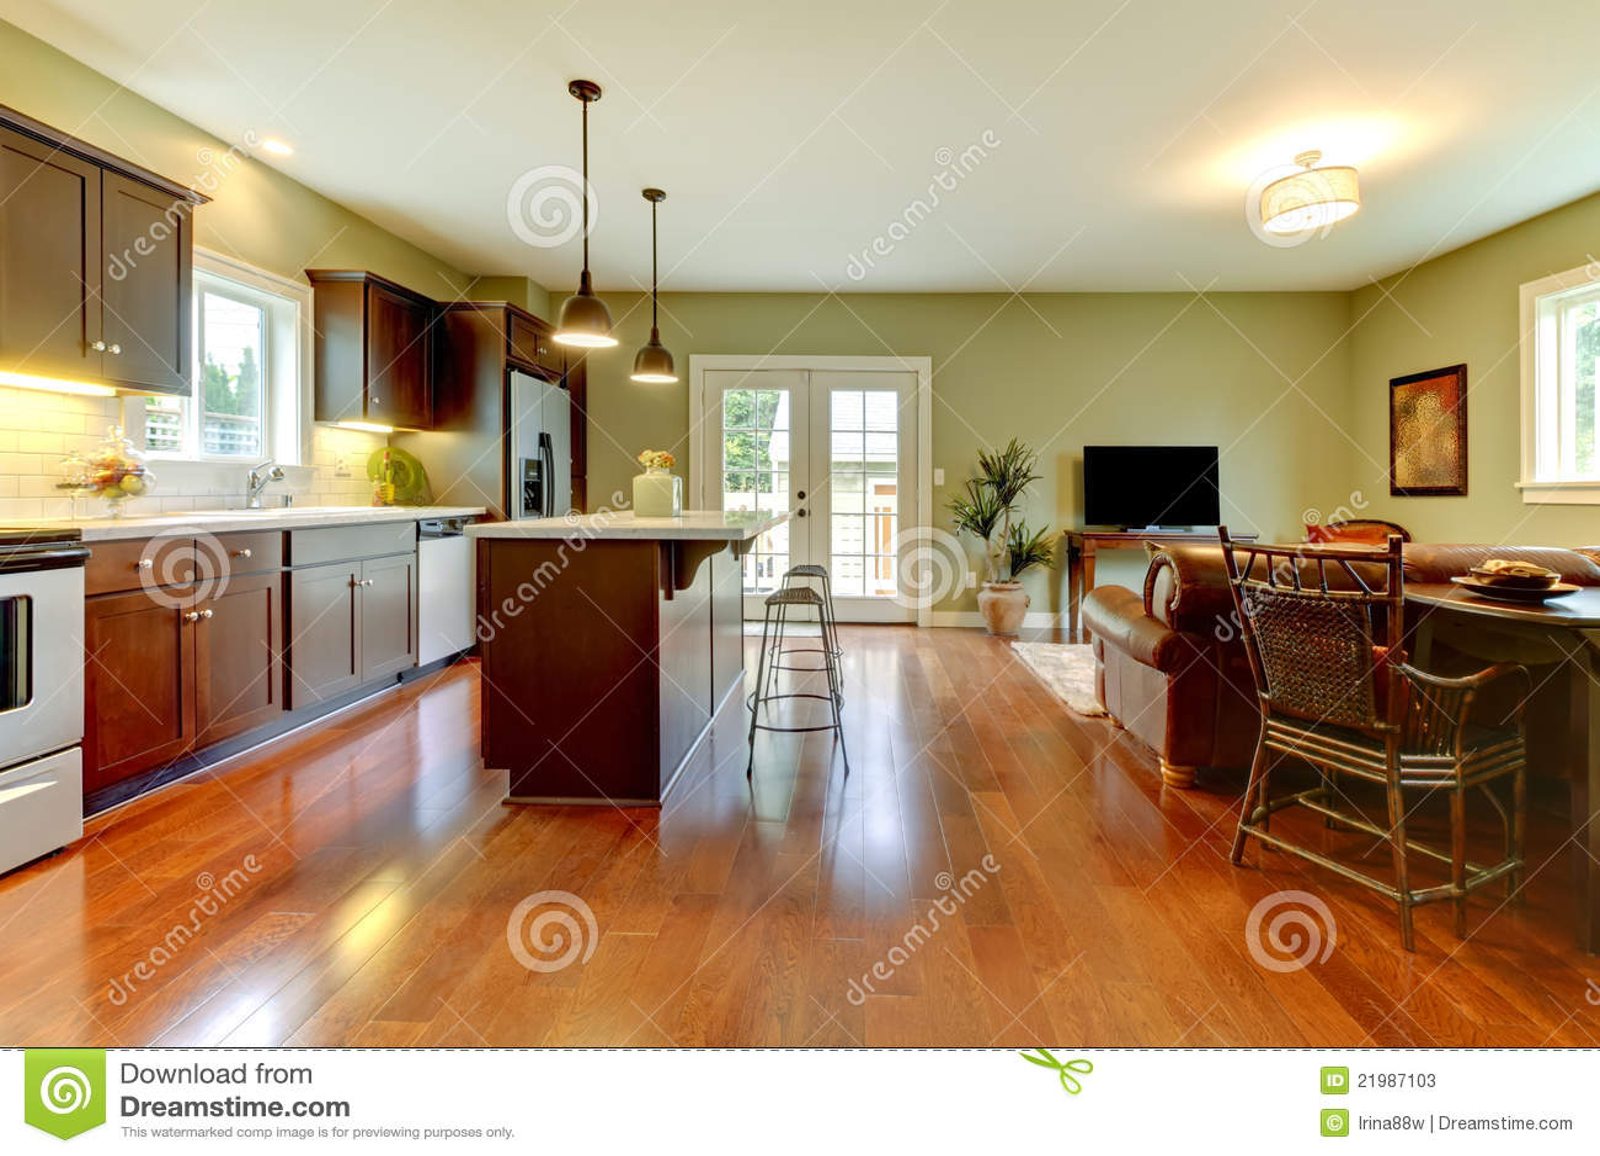 Modernes wohnzimmer mit küche – midir